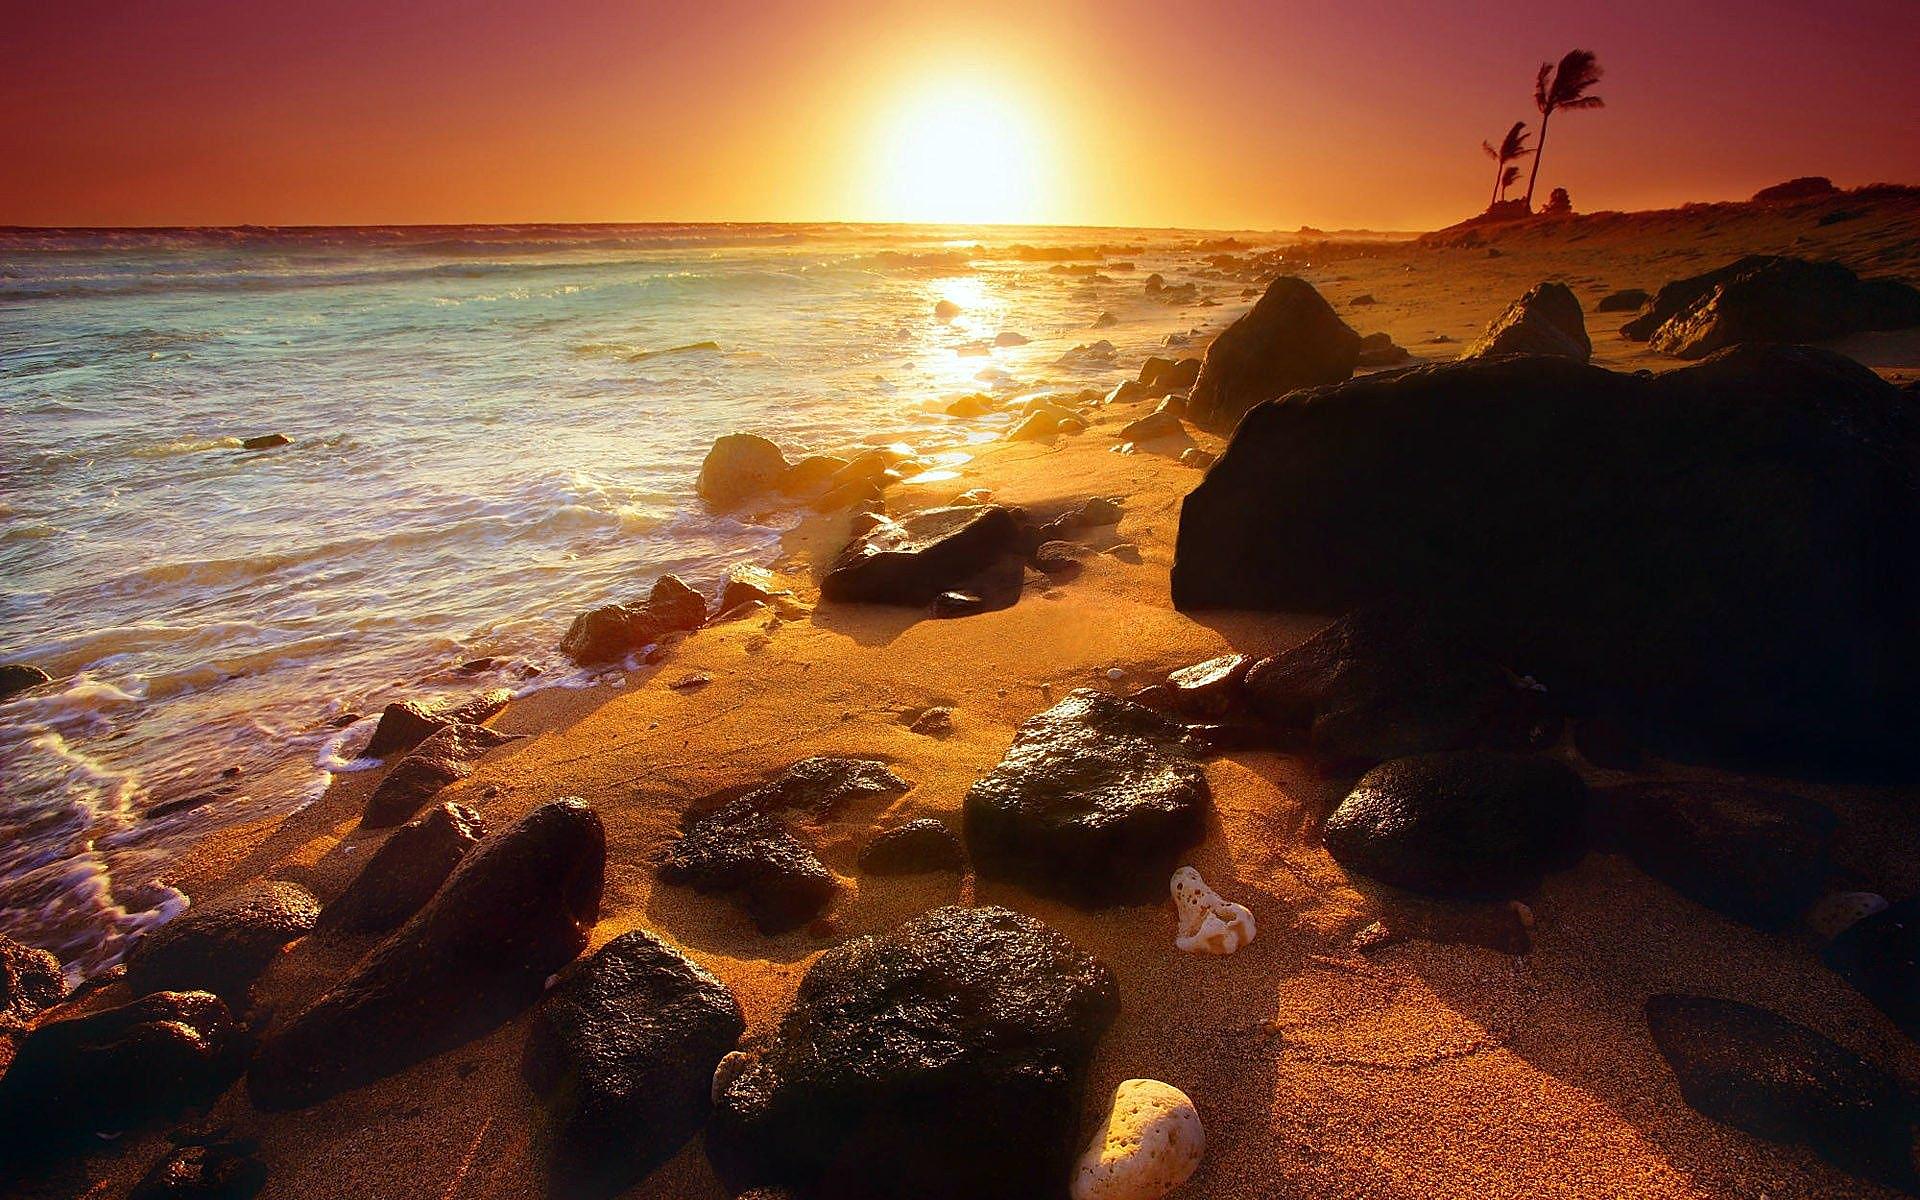 природа солнце море берег скачать